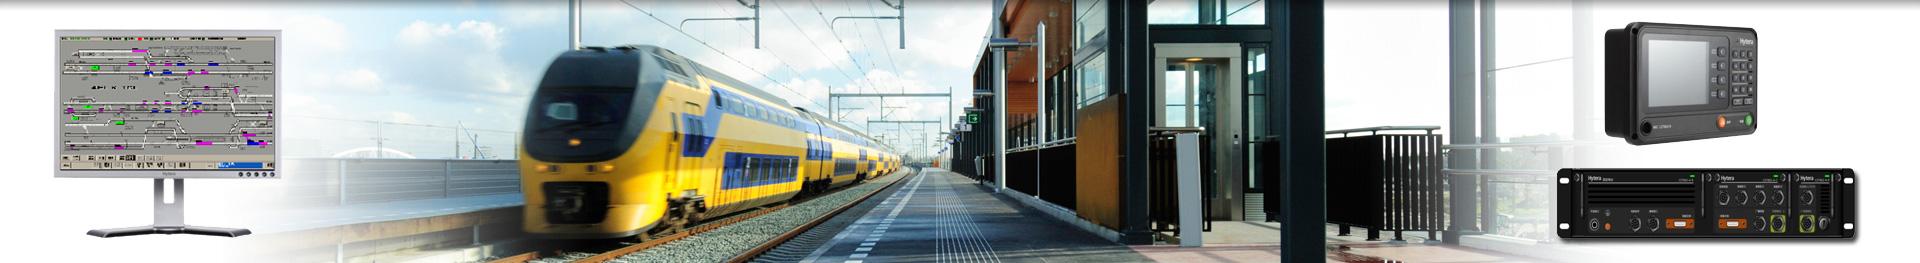 Train Borne